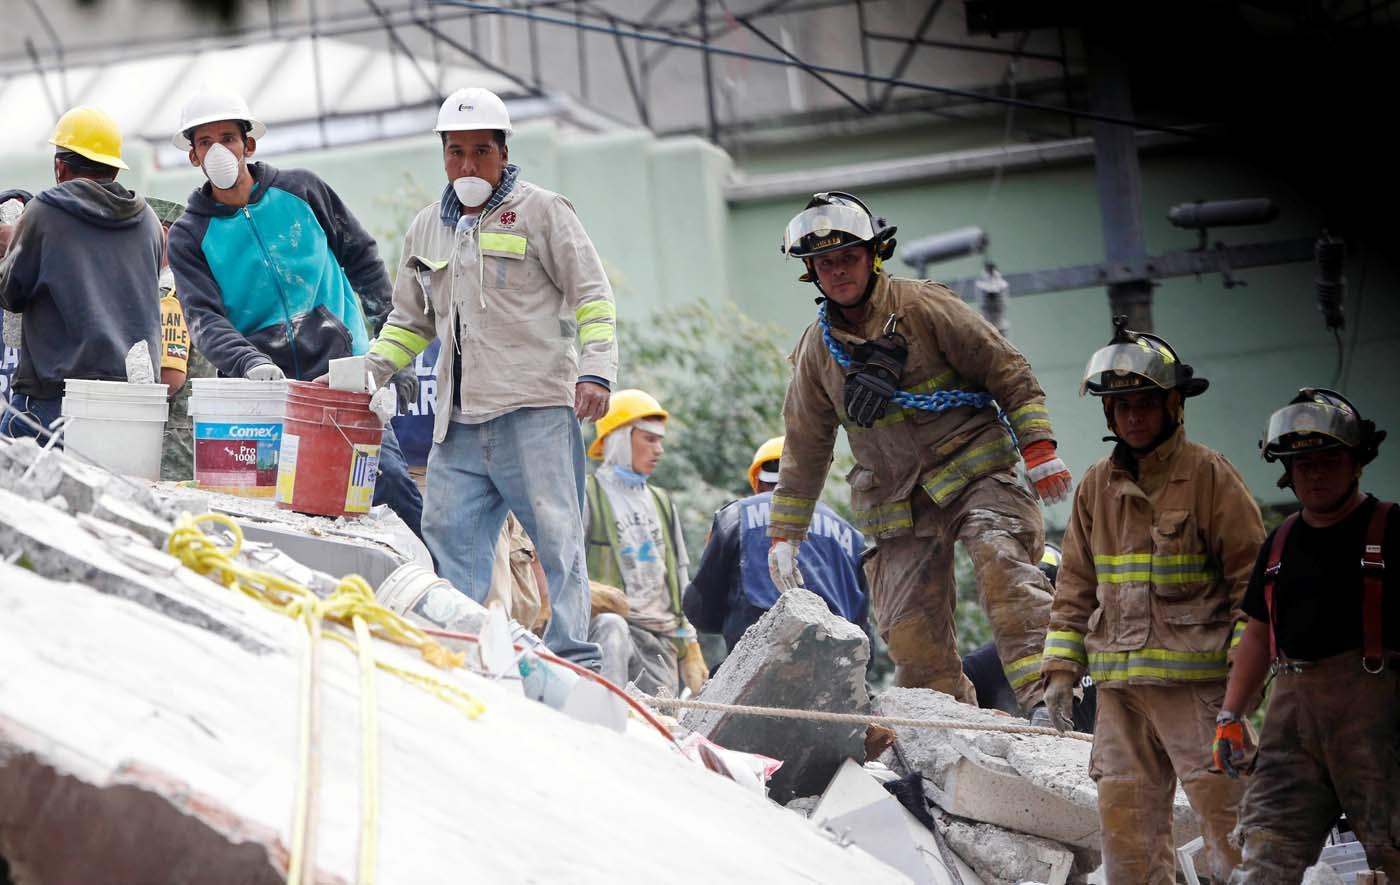 Socorristas trabajando en los restos derruidos de un edificio tras un sismo en Ciudad de México, sep 20, 2017. REUTERS/Henry Romero